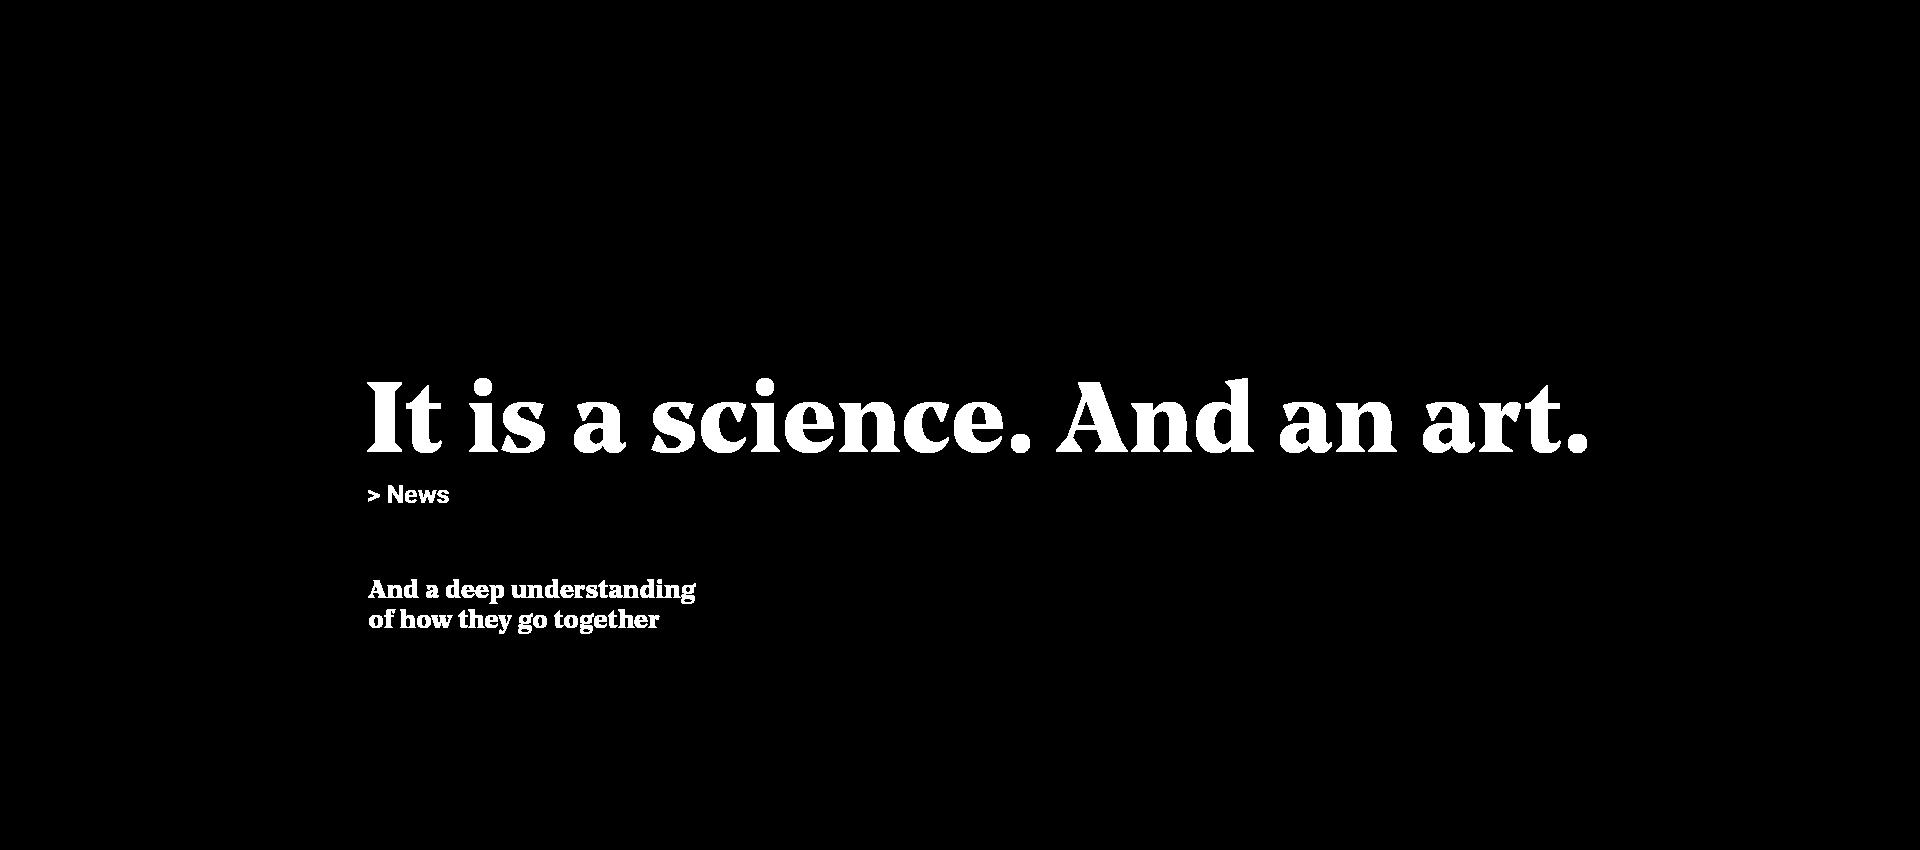 It is a Science